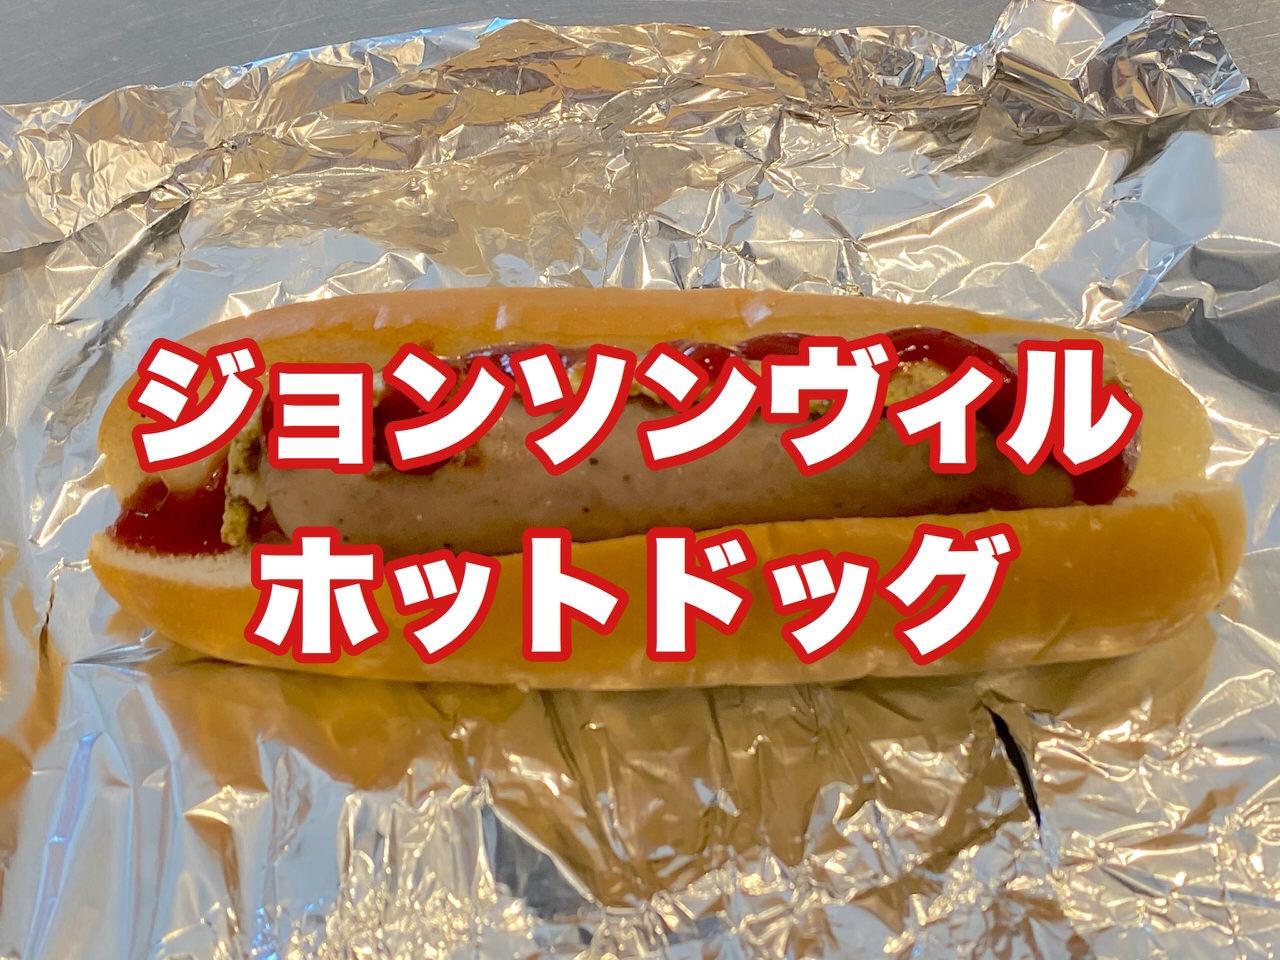 ブリブリの「ジョンソンヴィル」ソーセージでホットドッグを作ってみた